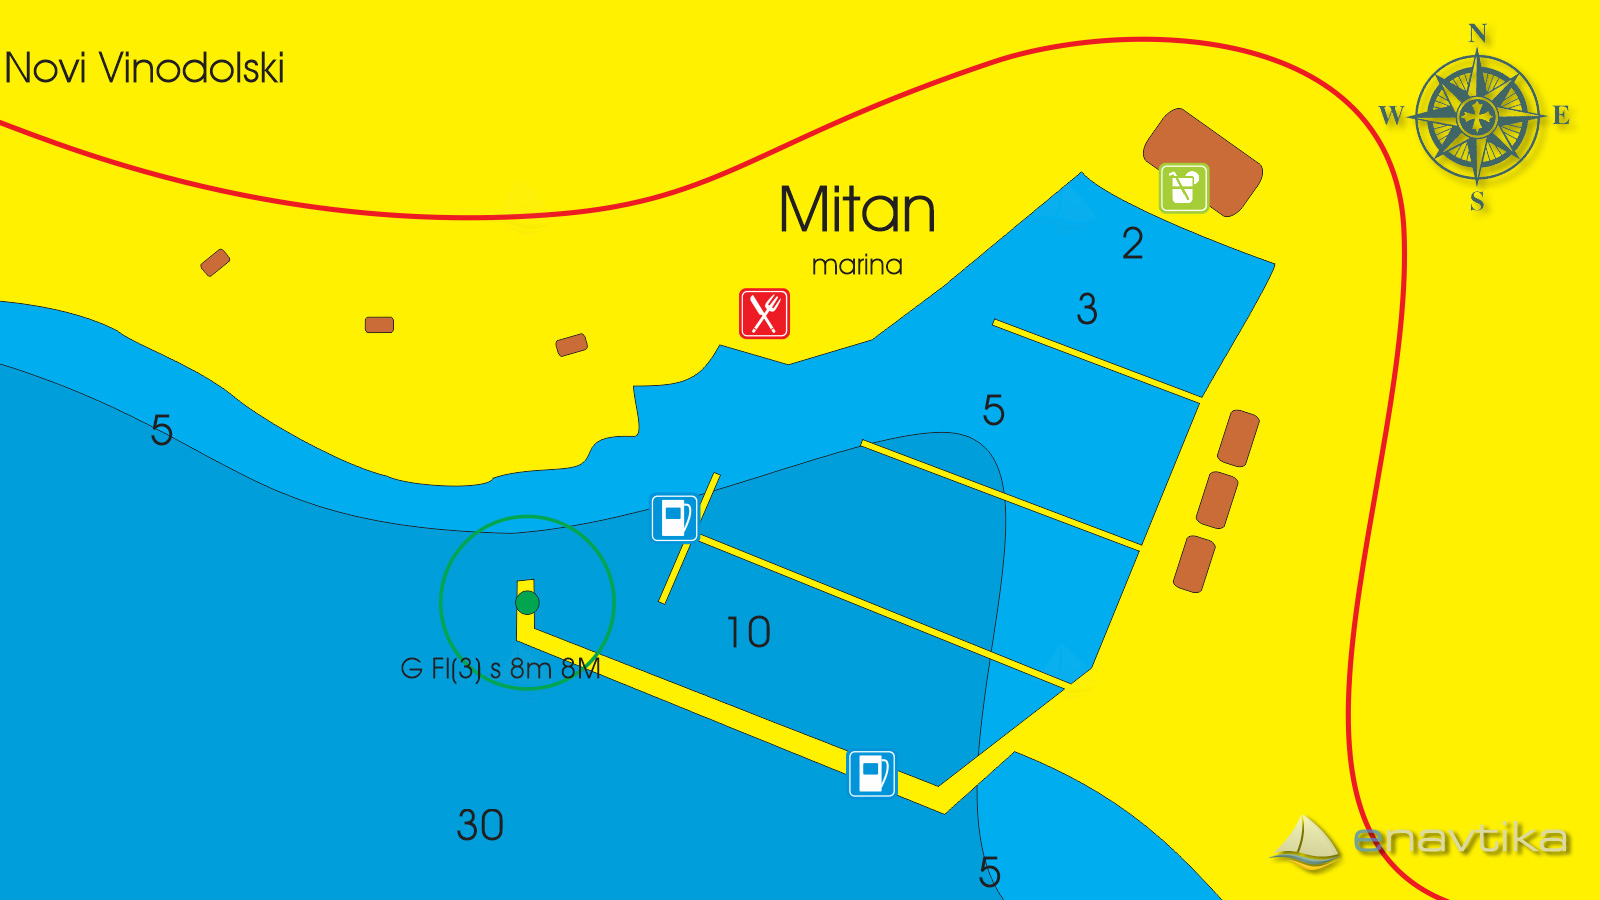 Slika Muroskva - Mitan 2